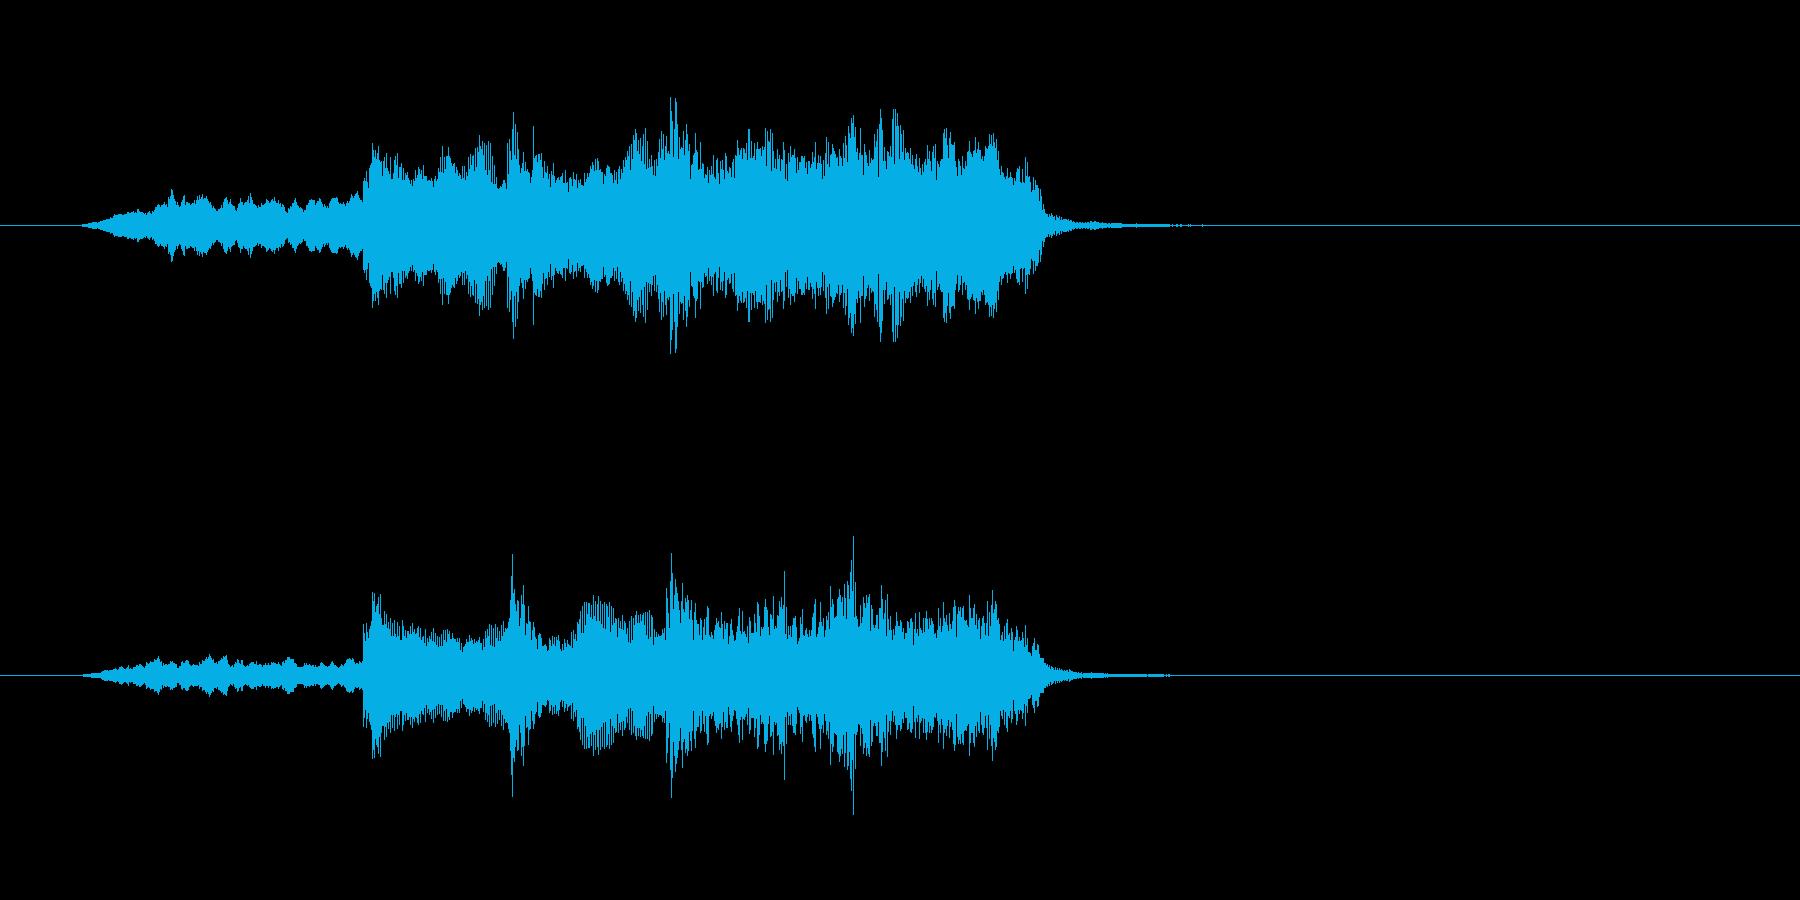 ストリングス 感動的 パーカッションの再生済みの波形